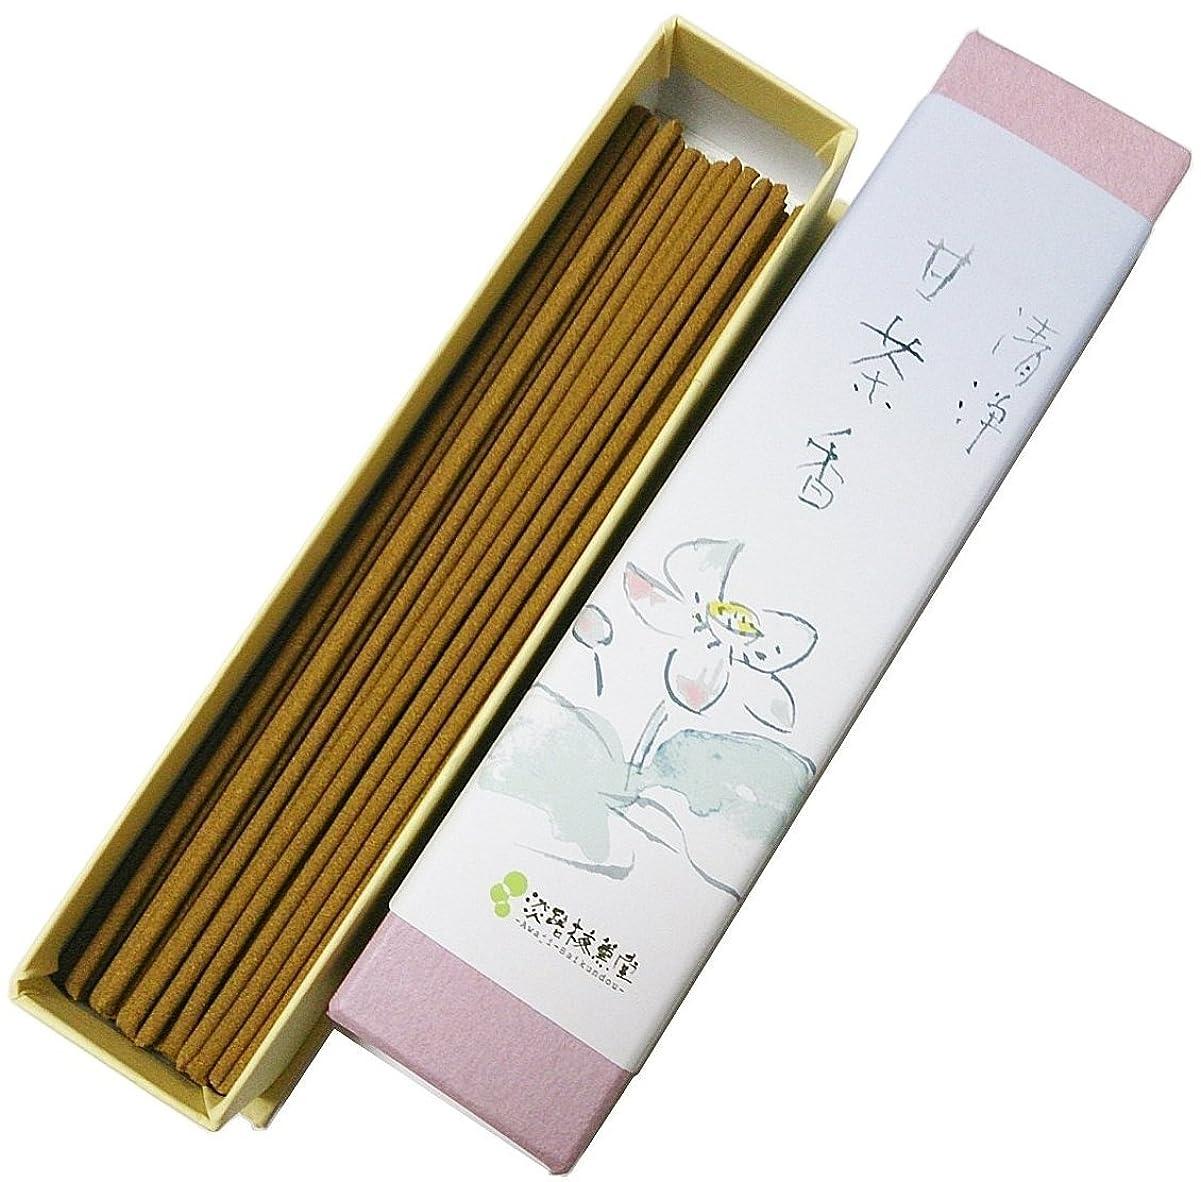 戦争技術者防水淡路梅薫堂の浄化お香 清浄甘茶香 18g #31 ×200 japanese incense sticks